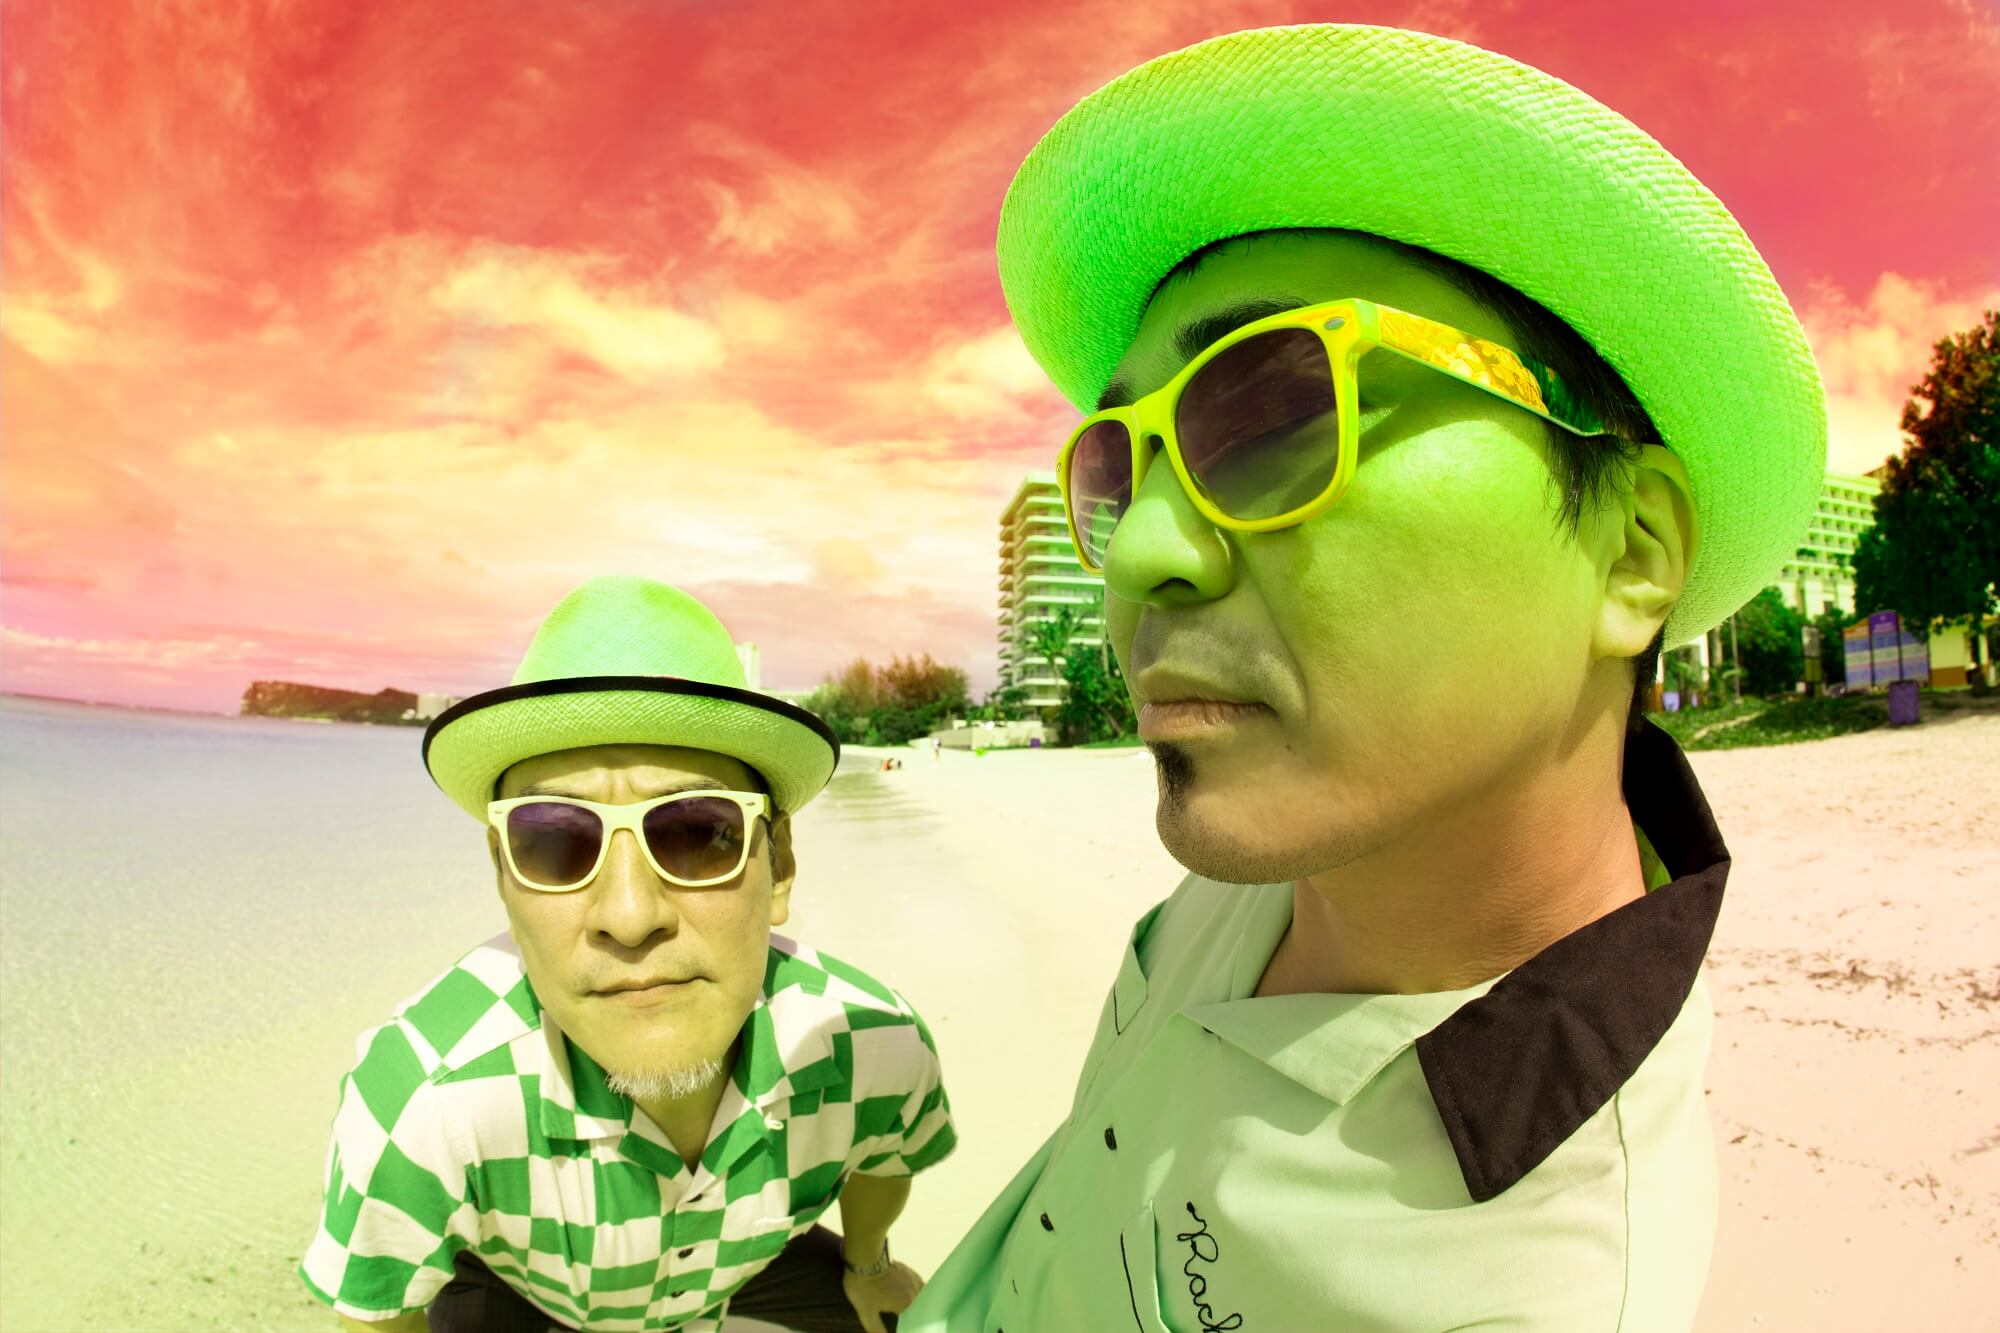 電氣魔軌樂團30週年專輯《30》發售&公演決定 電氣魔軌樂團、